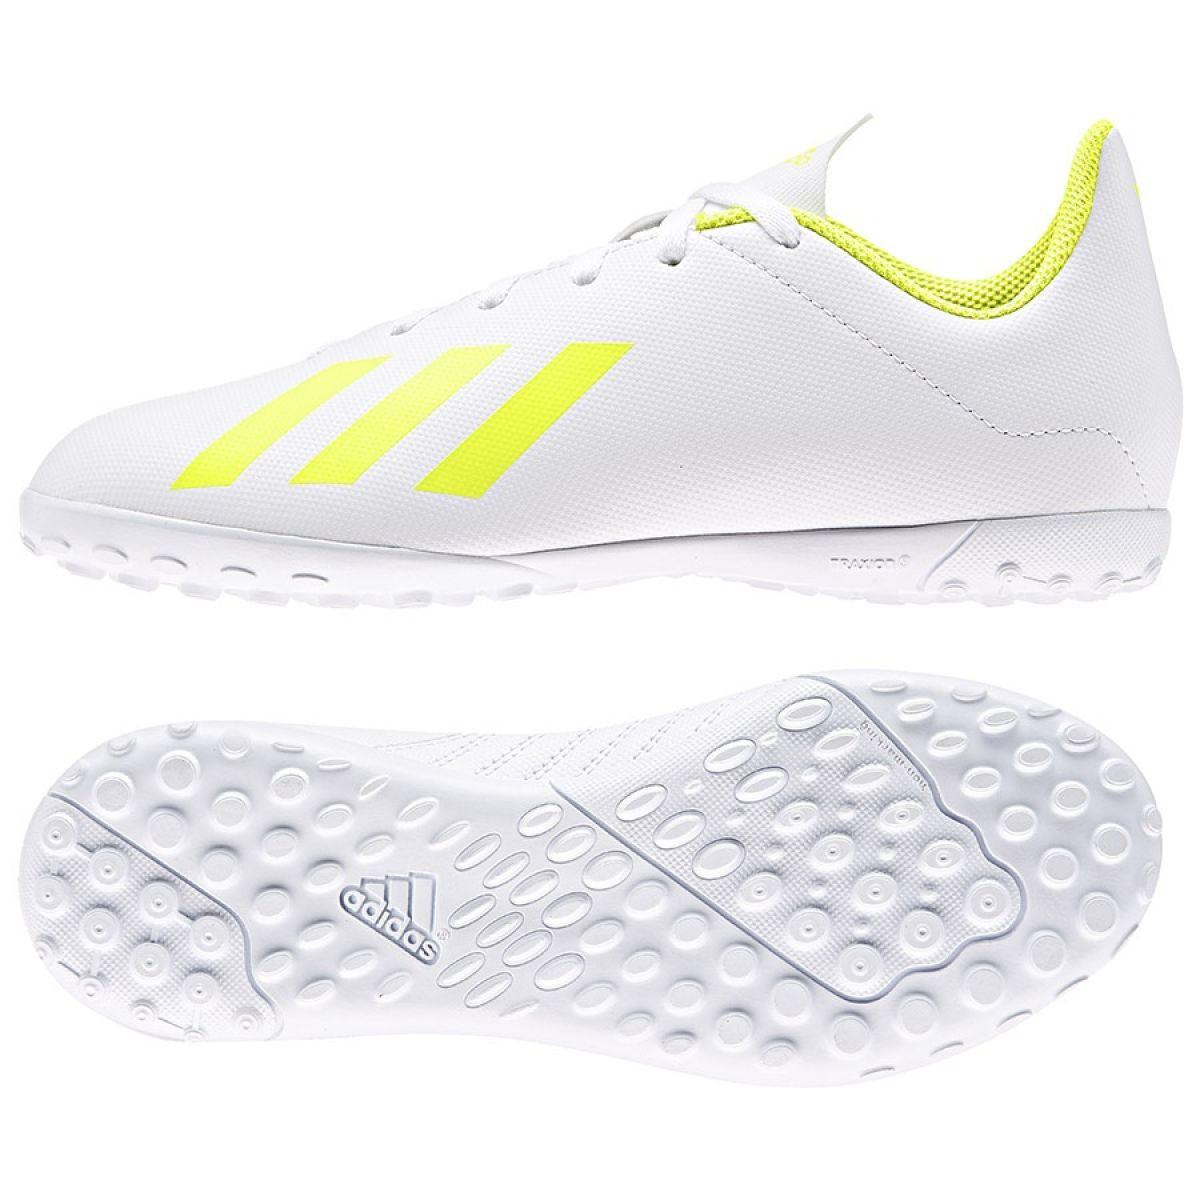 Buty piłkarskie adidas X 18.4 Tf Jr BB9418 białe biały, żółty